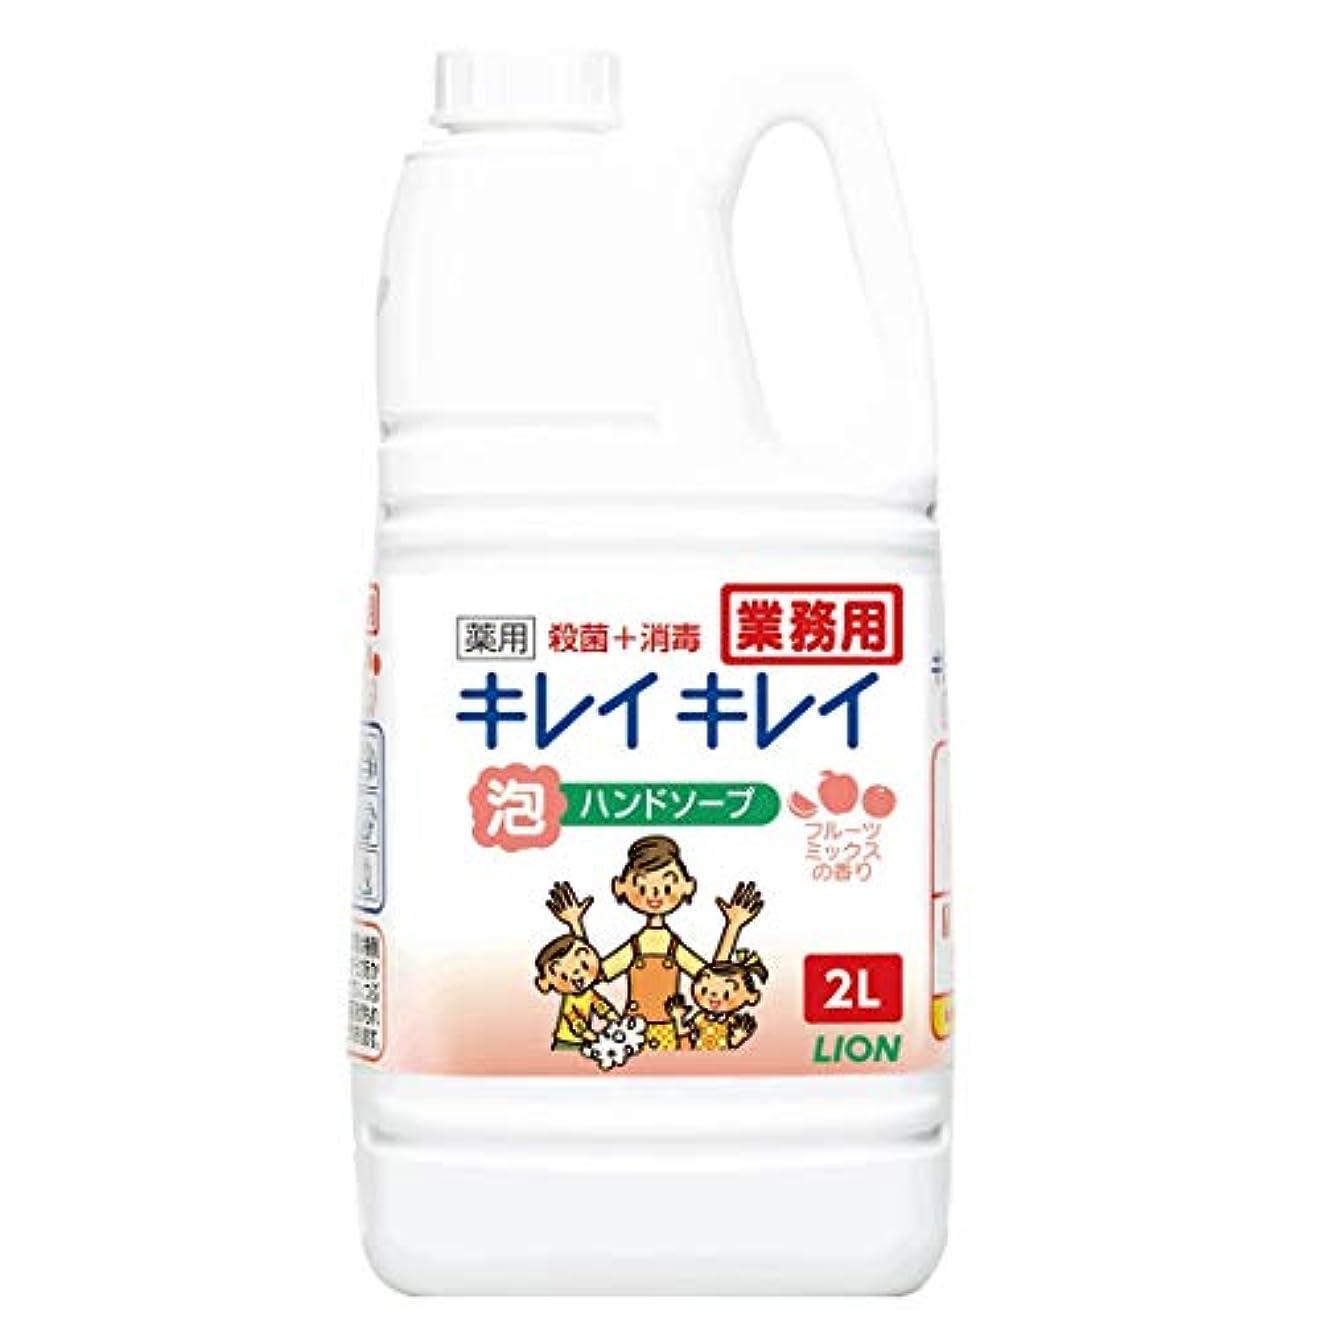 豚化学薬品カーペット【大容量】キレイキレイ 薬用泡ハンドソープ フルーツミックスの香り 2L